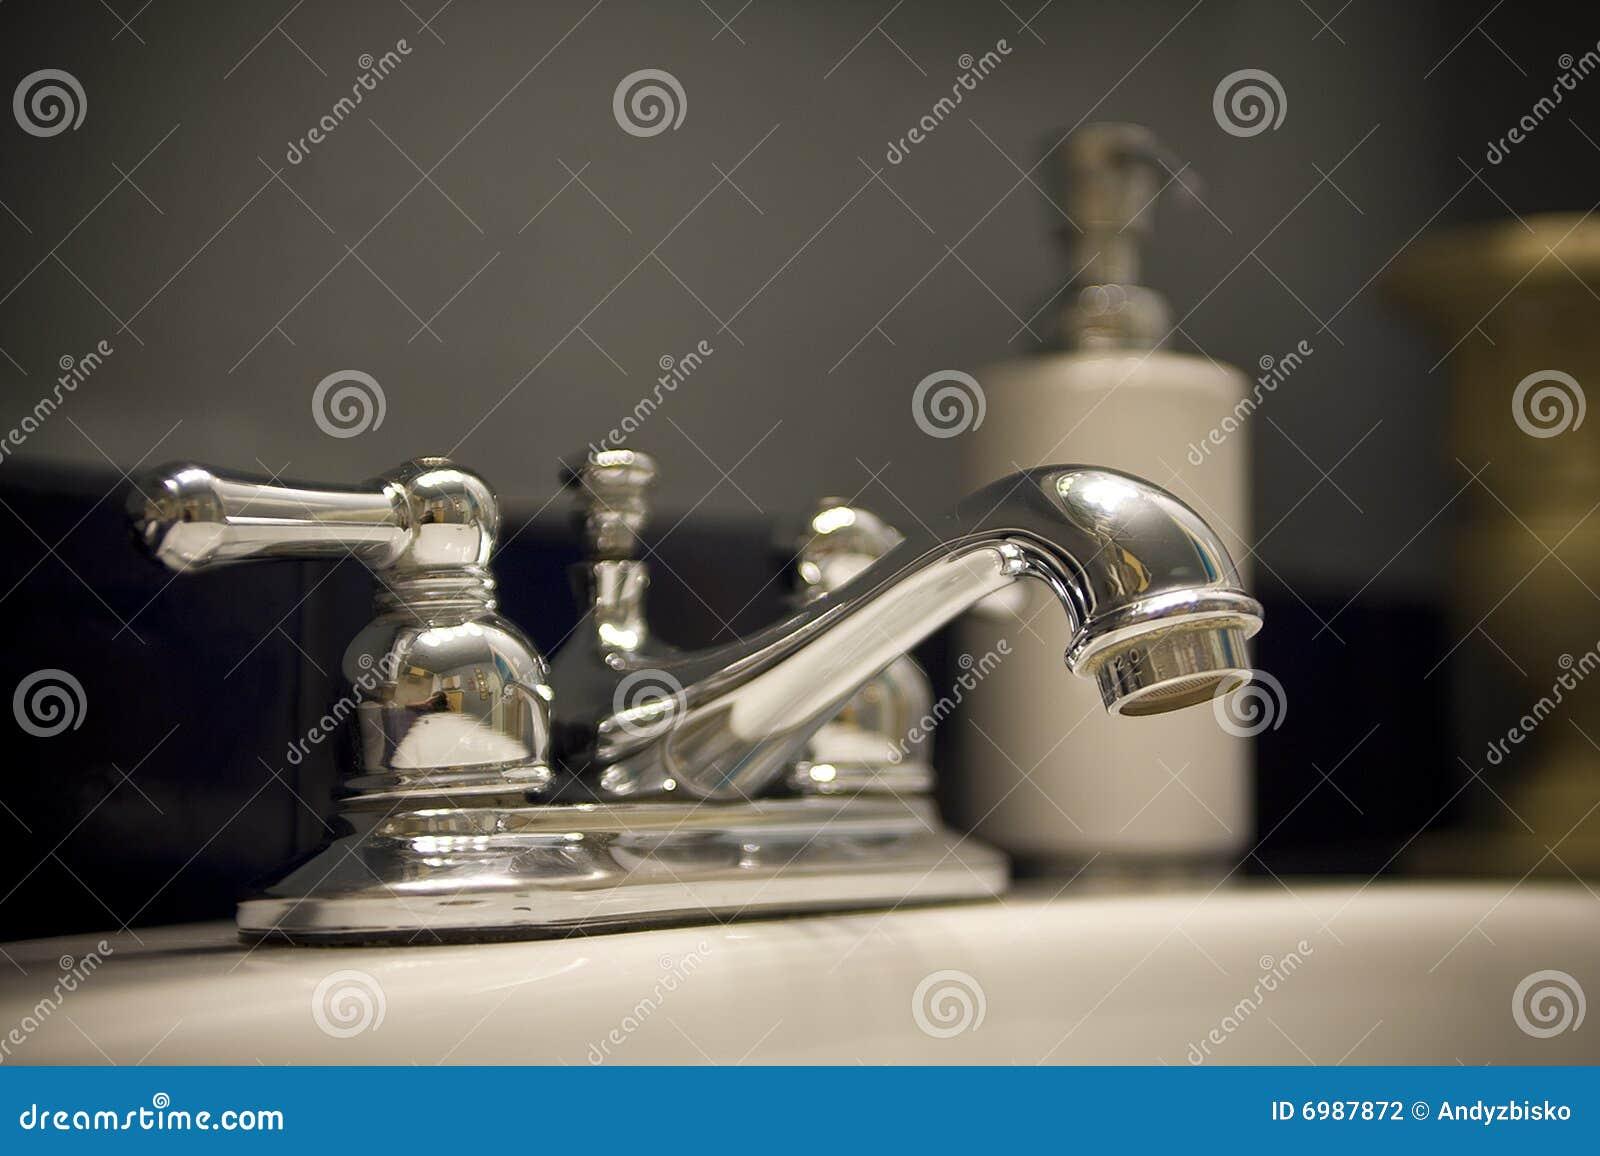 卫生间水槽